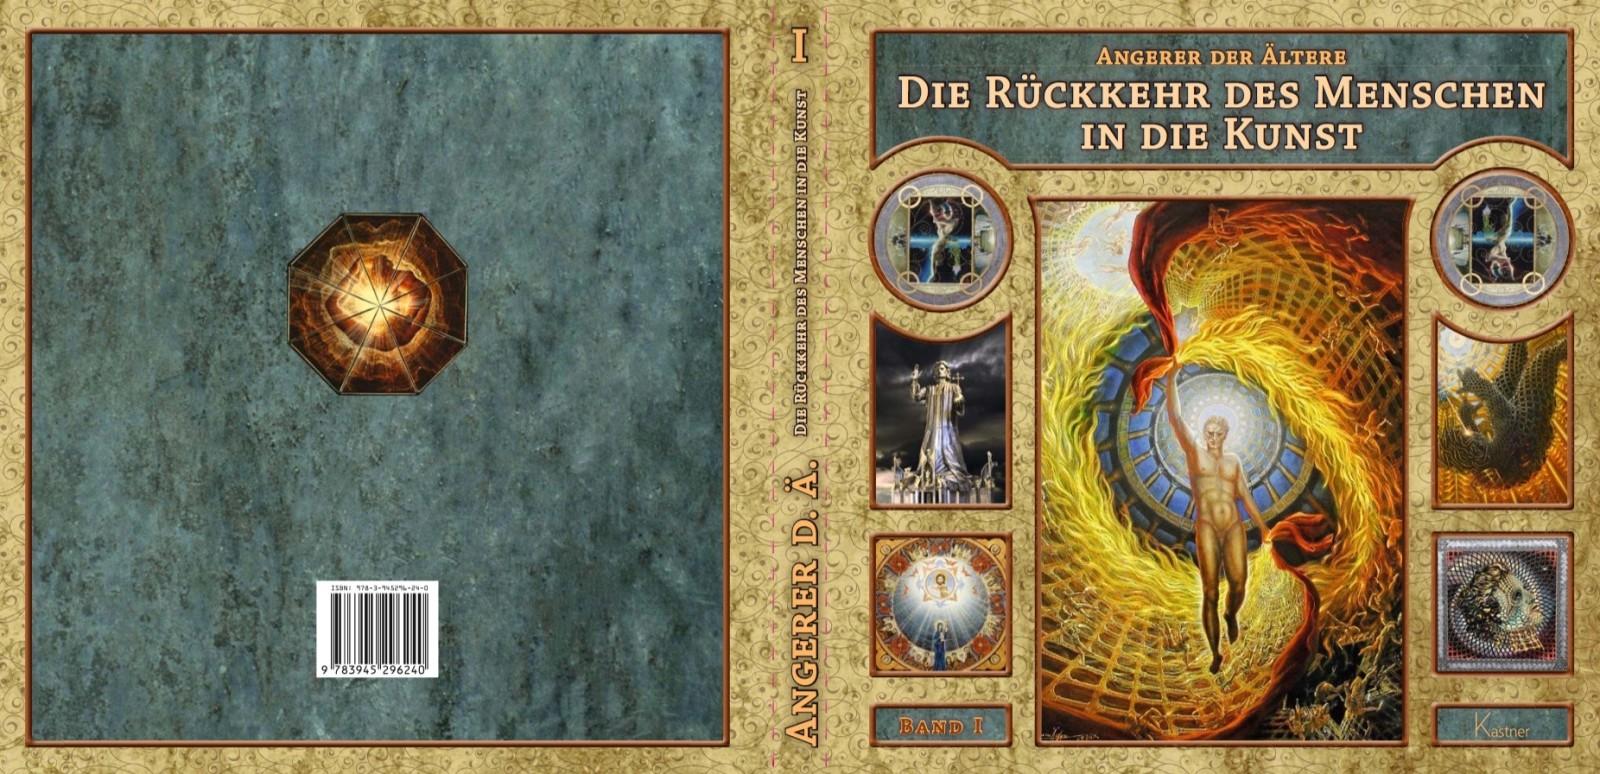 Art Books - Die Rückkehr des Menschen in die Kunst - Kunstband - 149,00 €